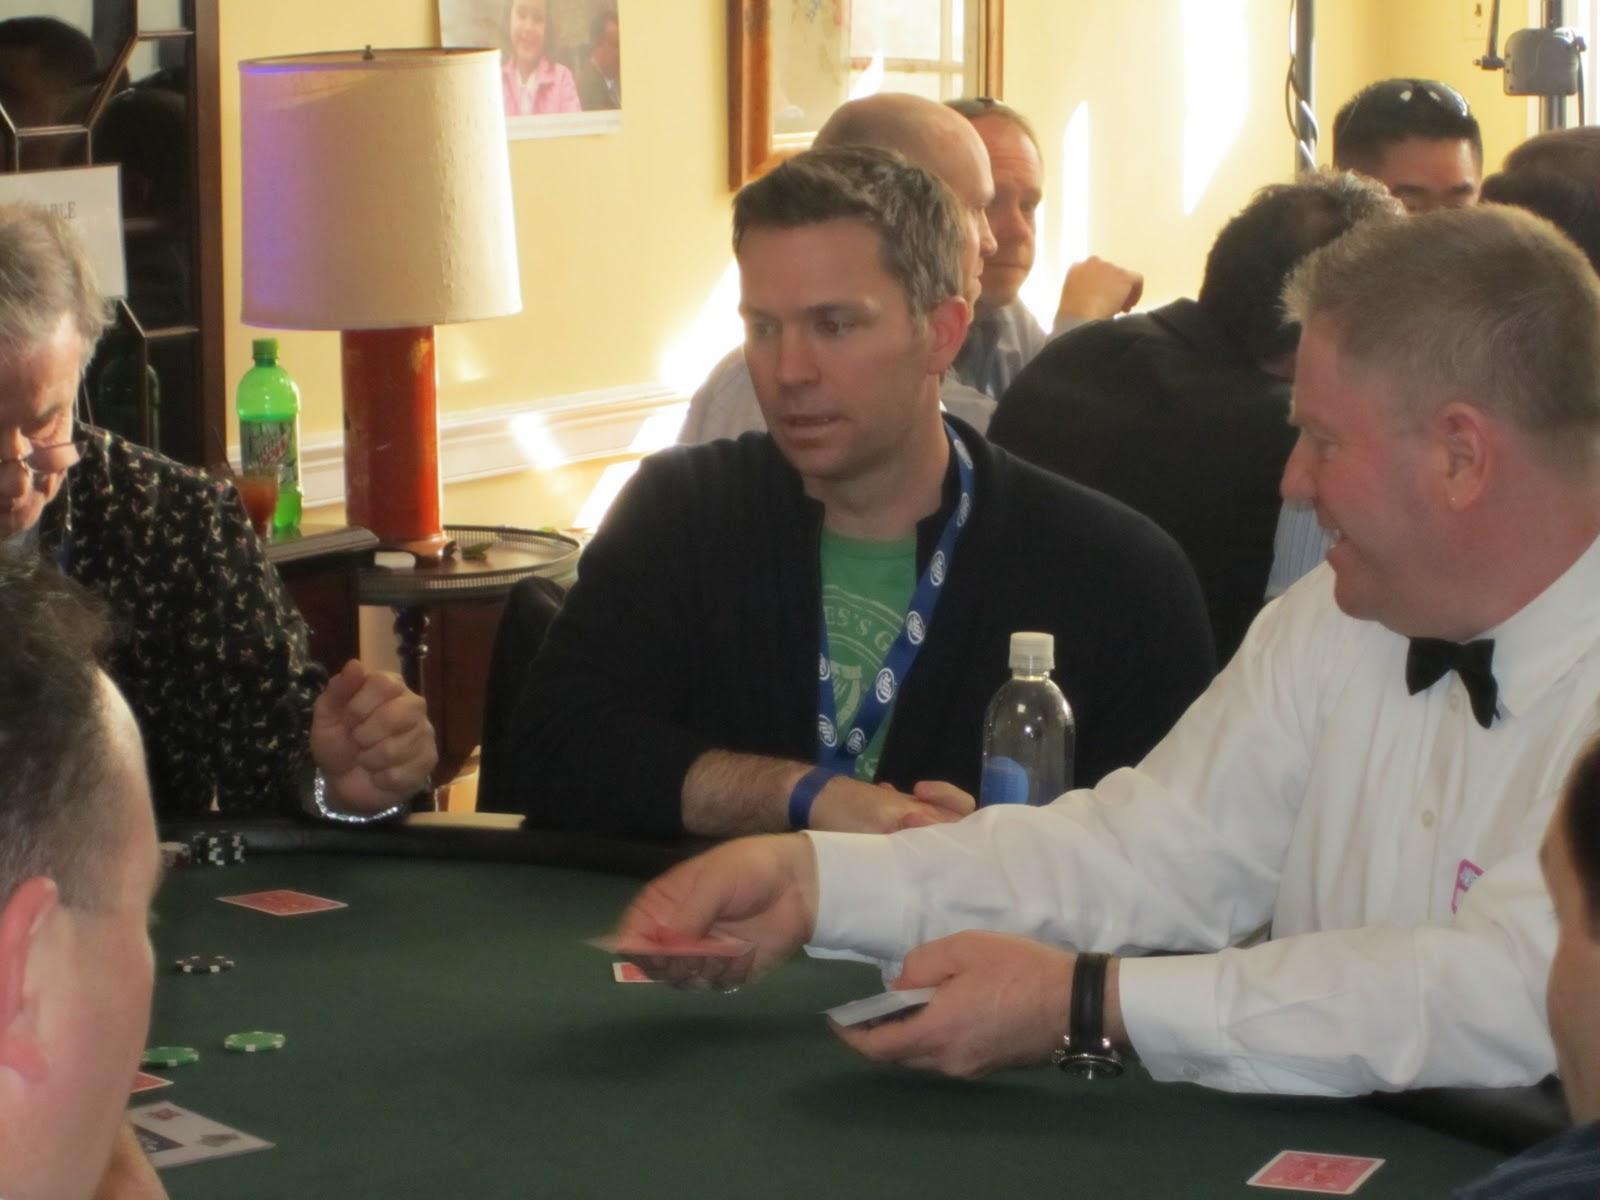 Amateur league dfw poker leagues poker